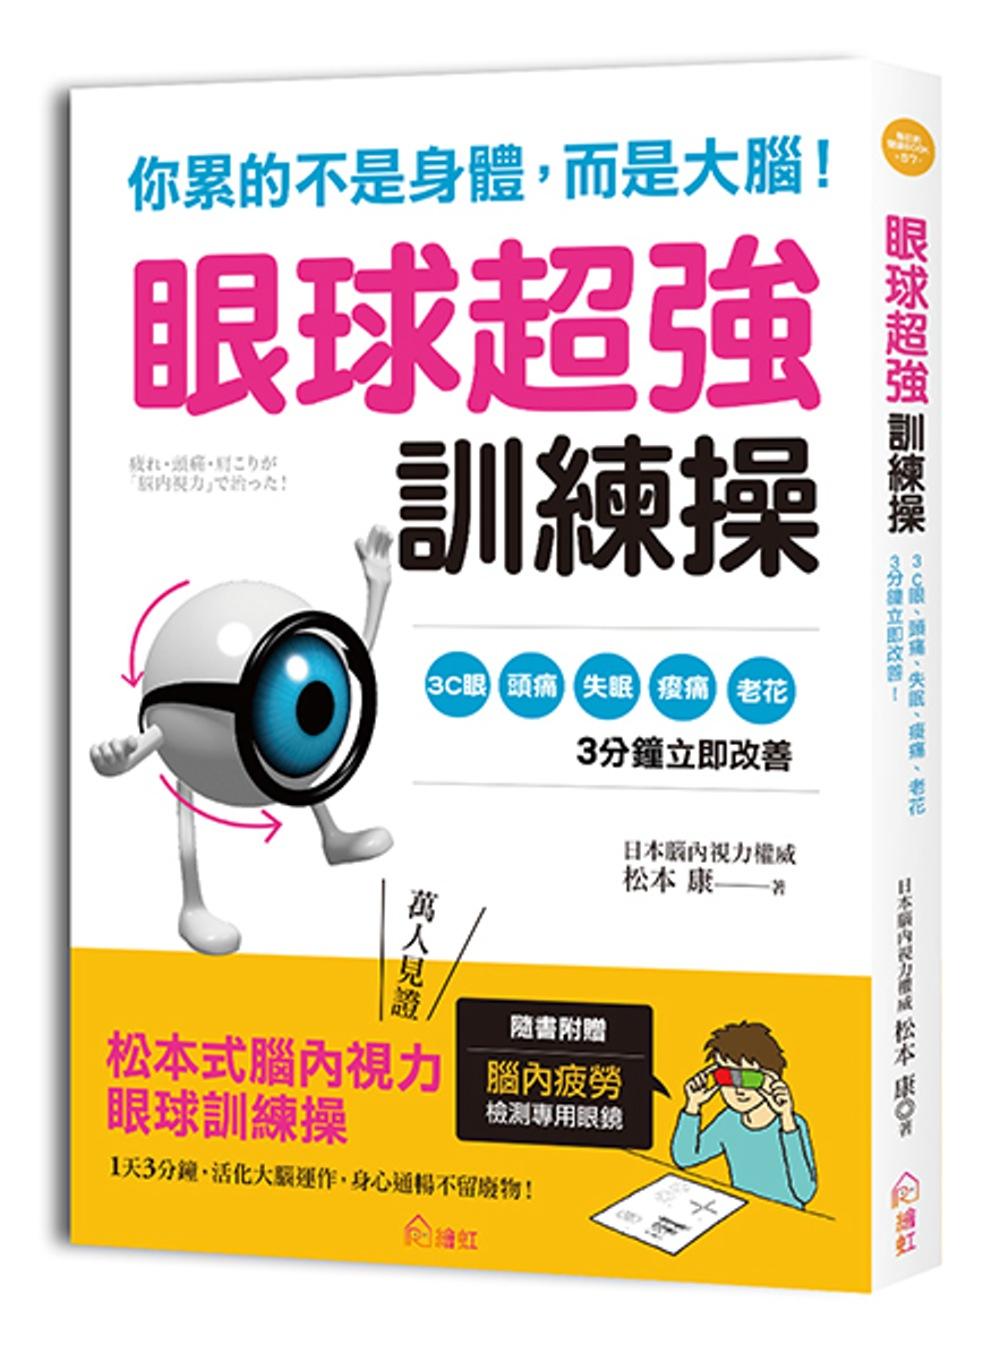 你累的不是身體,而是大腦!眼球超強訓練操:日本權威獨創,3C眼、頭痛、失眠、痠痛等症狀立即改善!